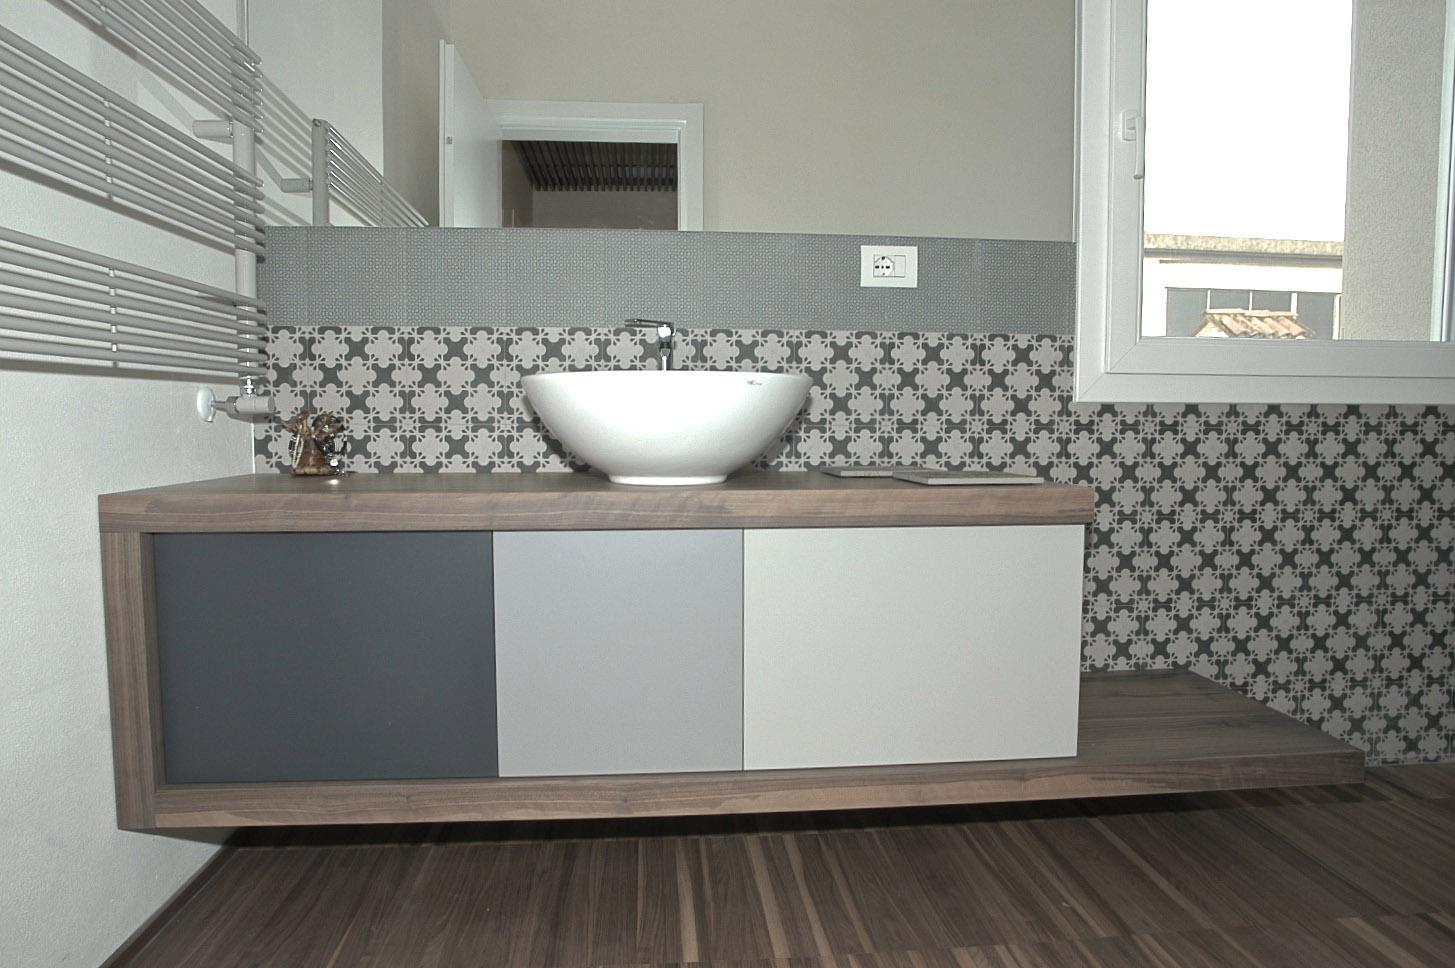 Mobile bagno dimensioni ~ avienix.com for .